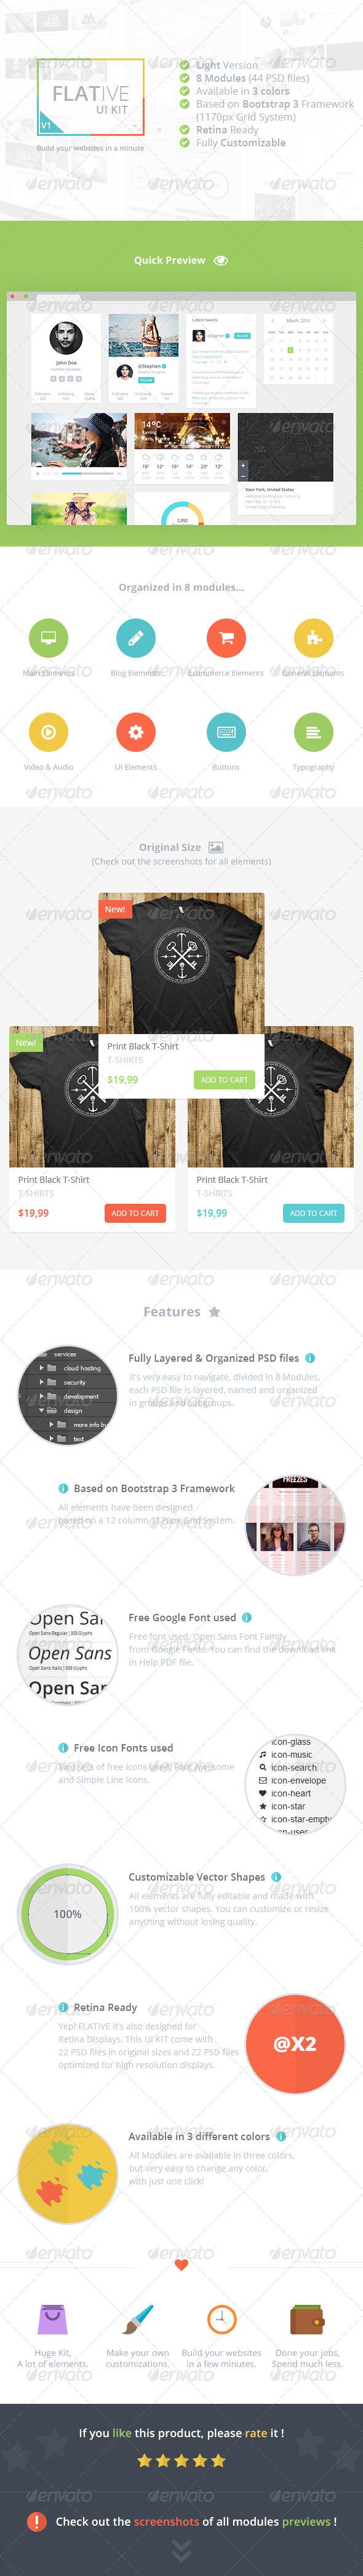 GraphicRiver Flative UI Kit Light 8611102